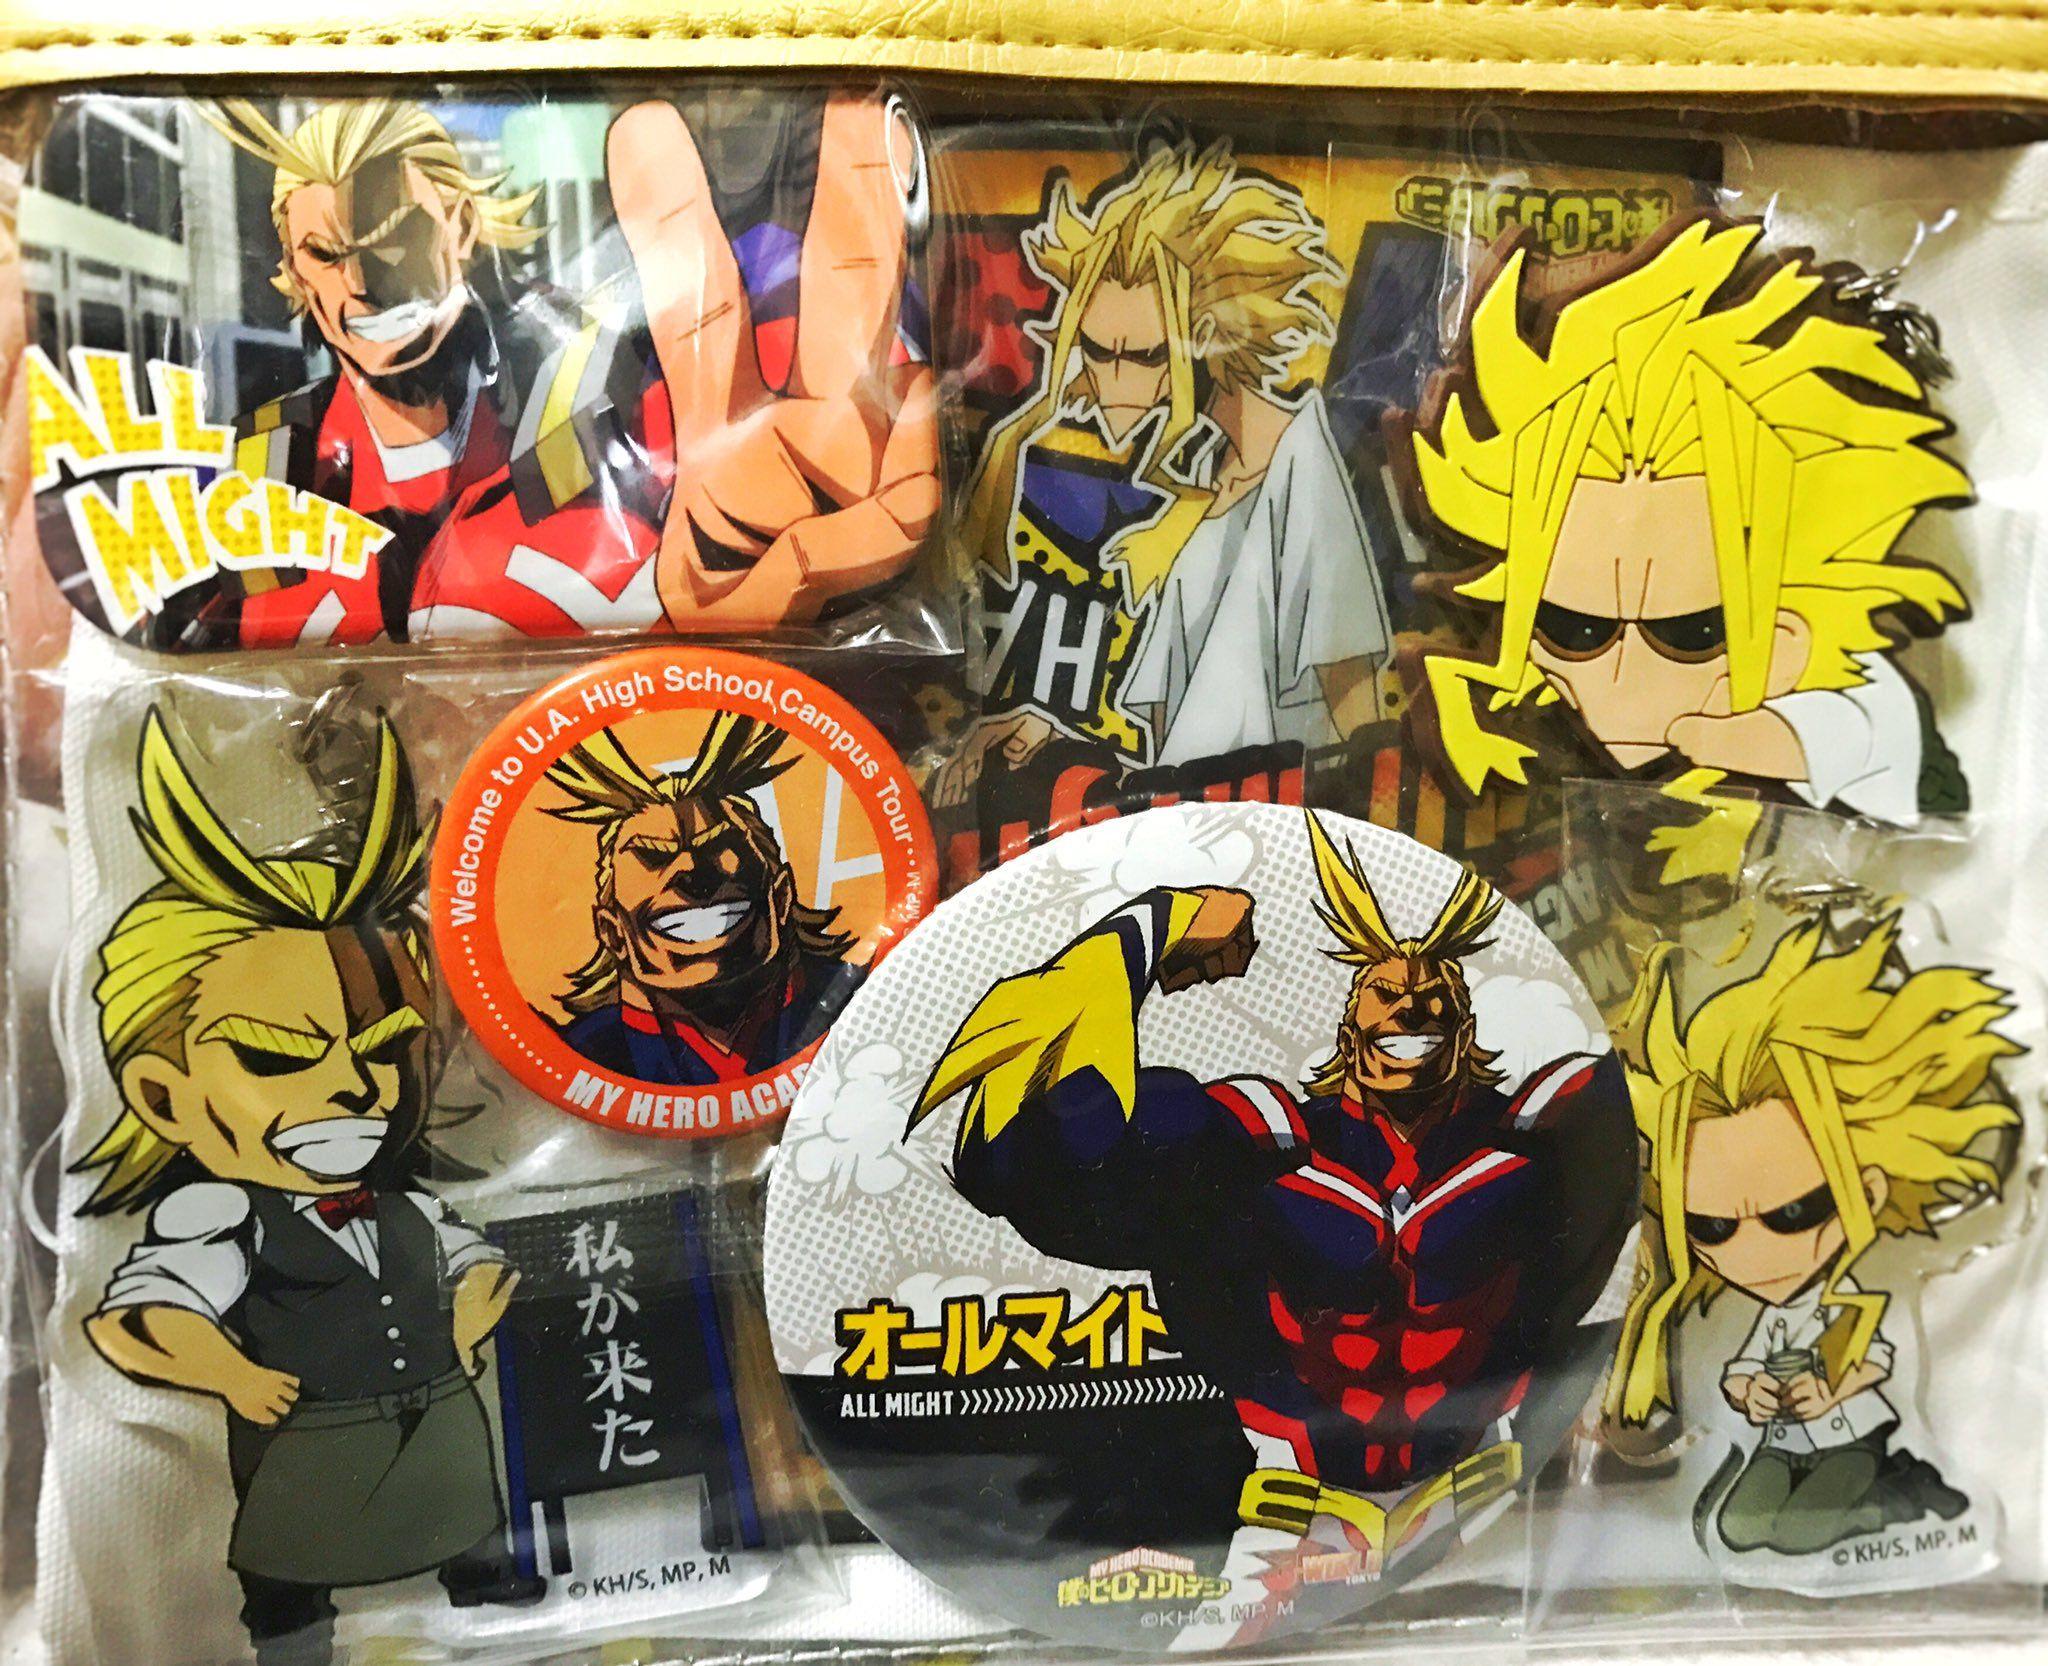 くろ 原稿 On Anime Bag Anime Decor I Love Anime